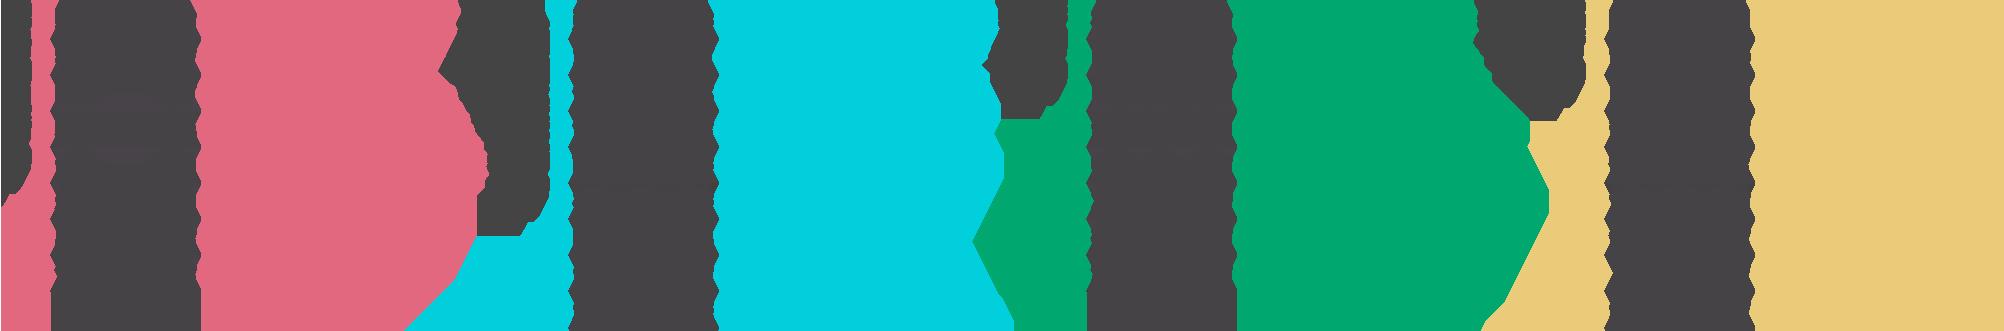 大墨 吉徳グラフ